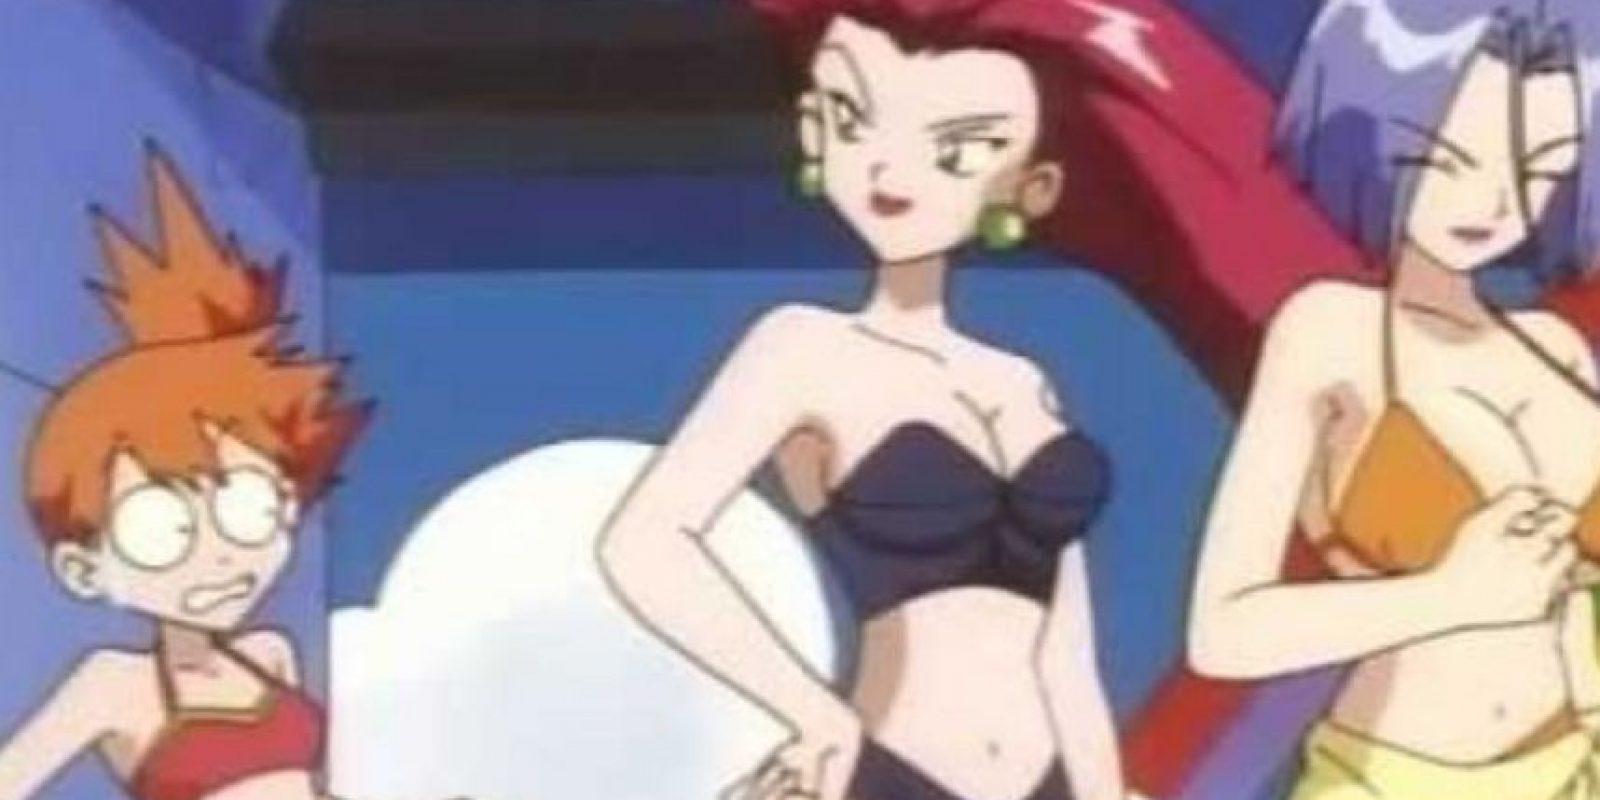 En un episodio censurado, el villano James (del Equipo Rocket) usa un bikini. Foto:Twitter